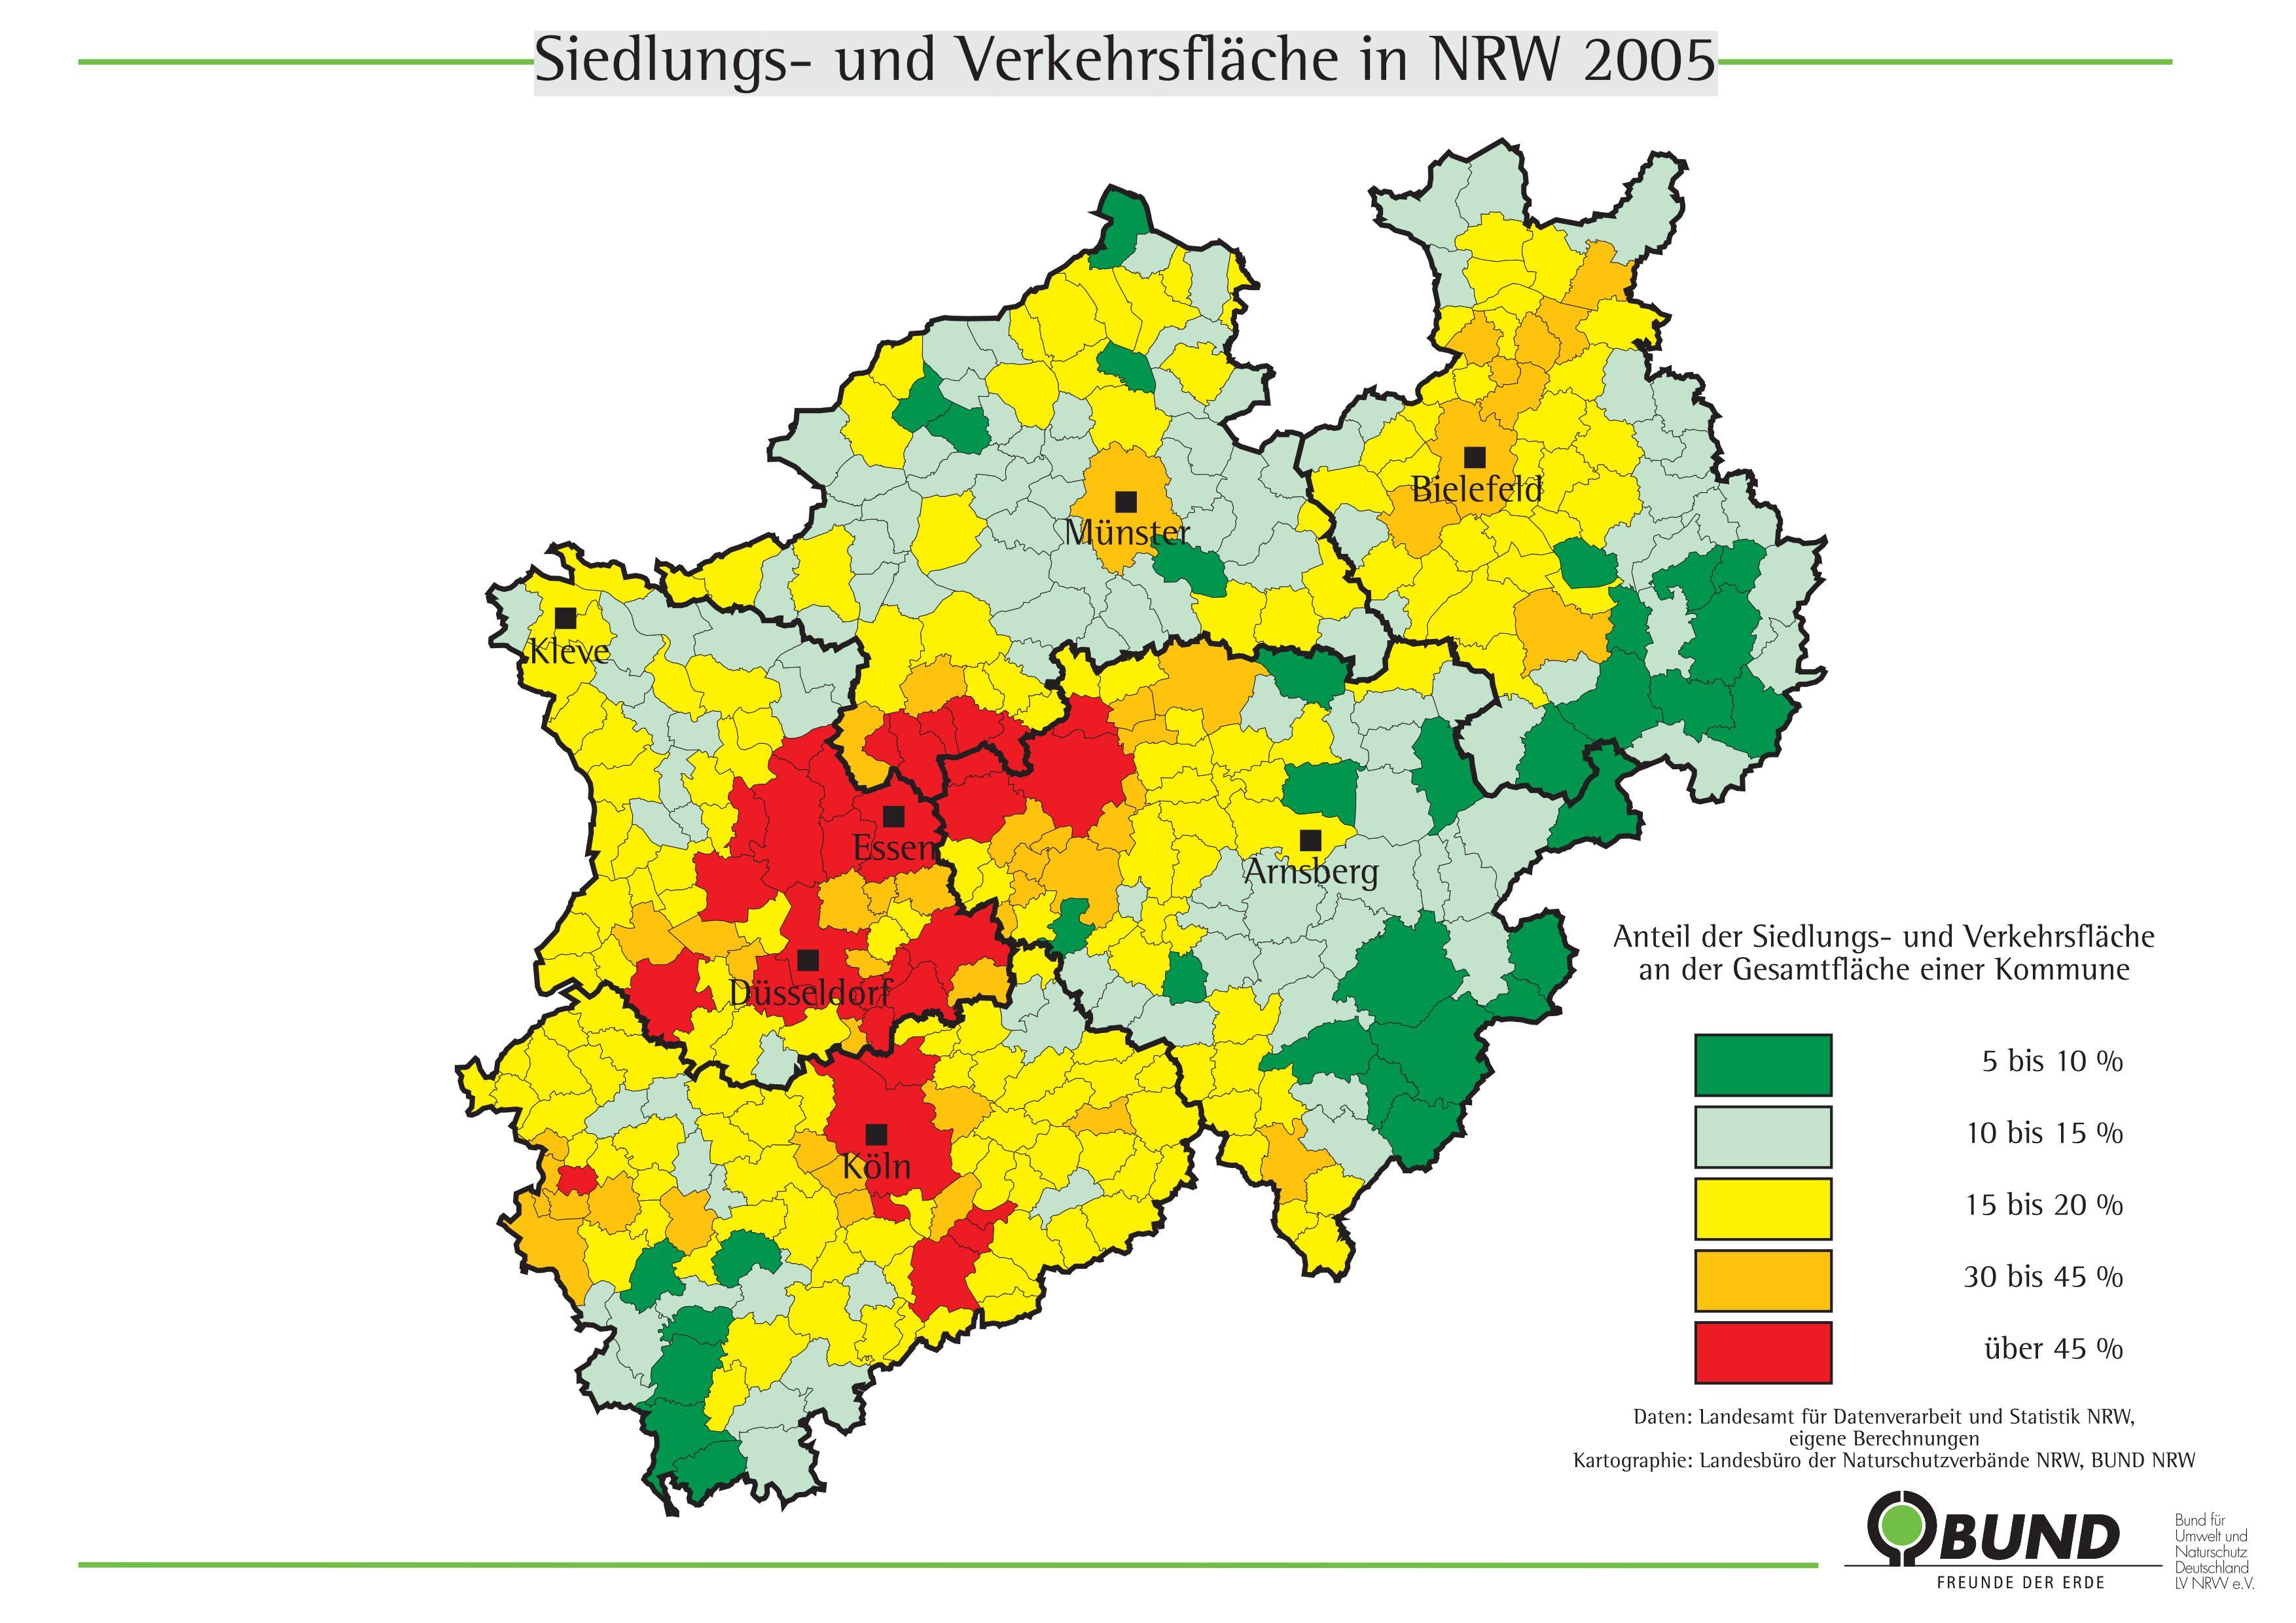 2005-Siedlungs_Verkehrsflaeche-NRW